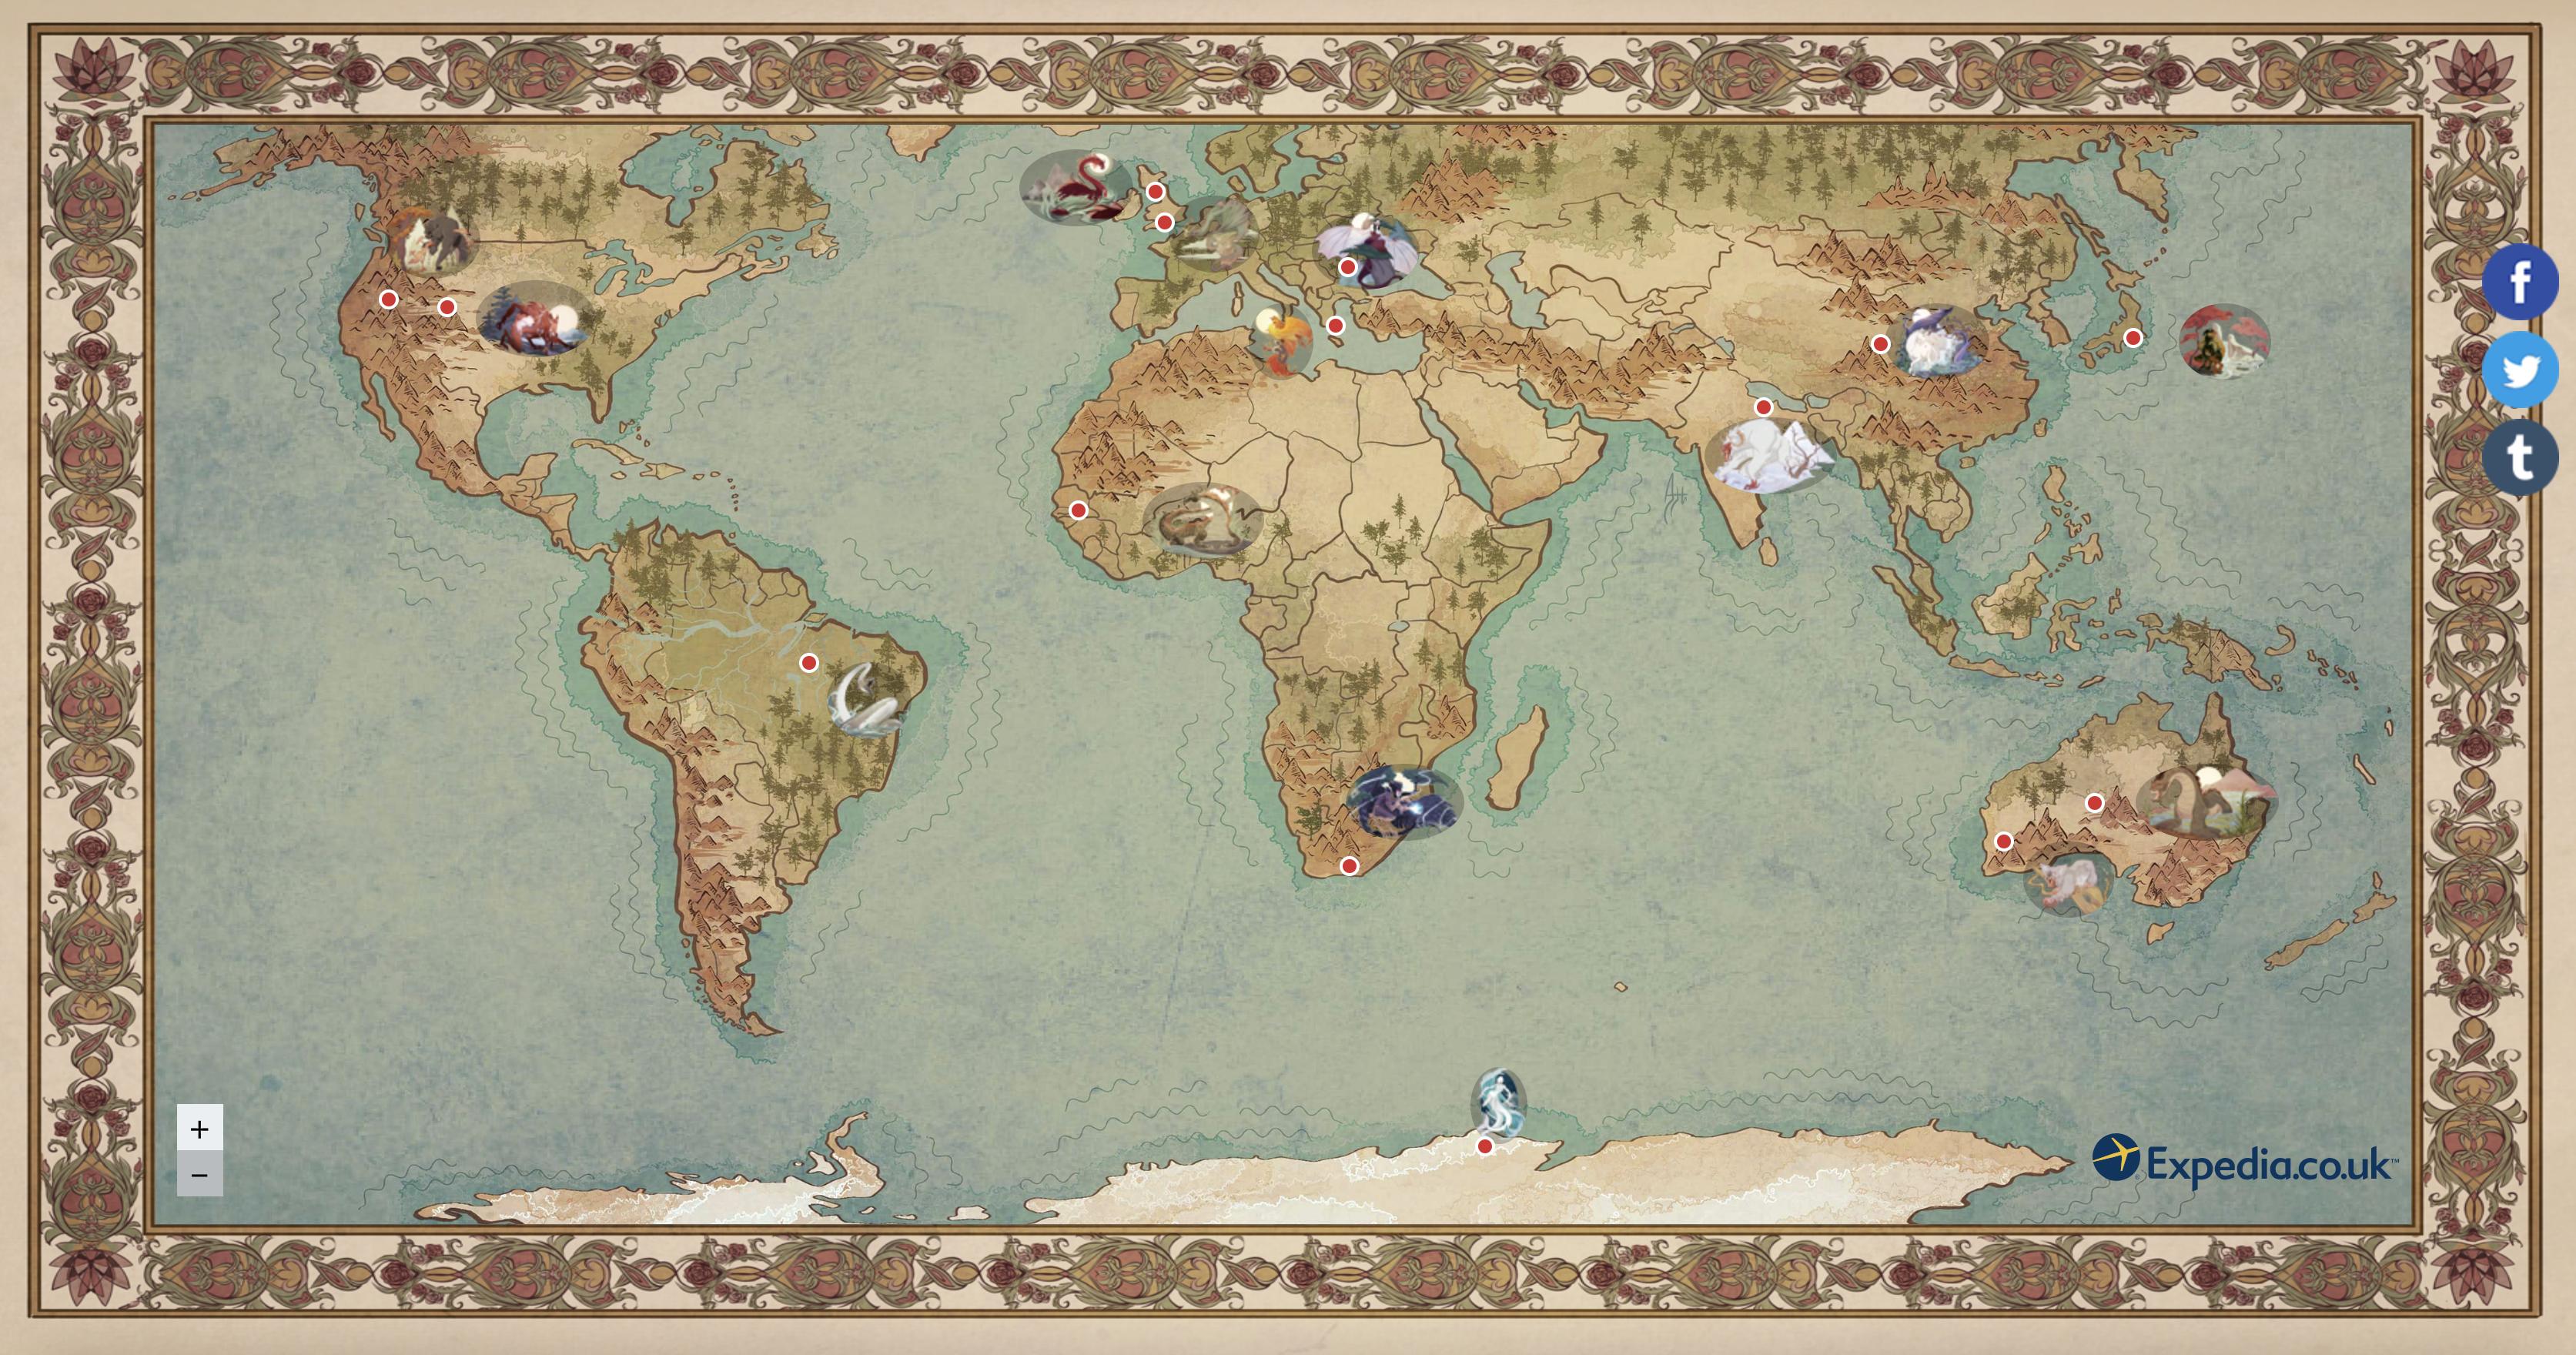 Mapa de Expedia sobre criaturas míticas y dónde encontrarlas